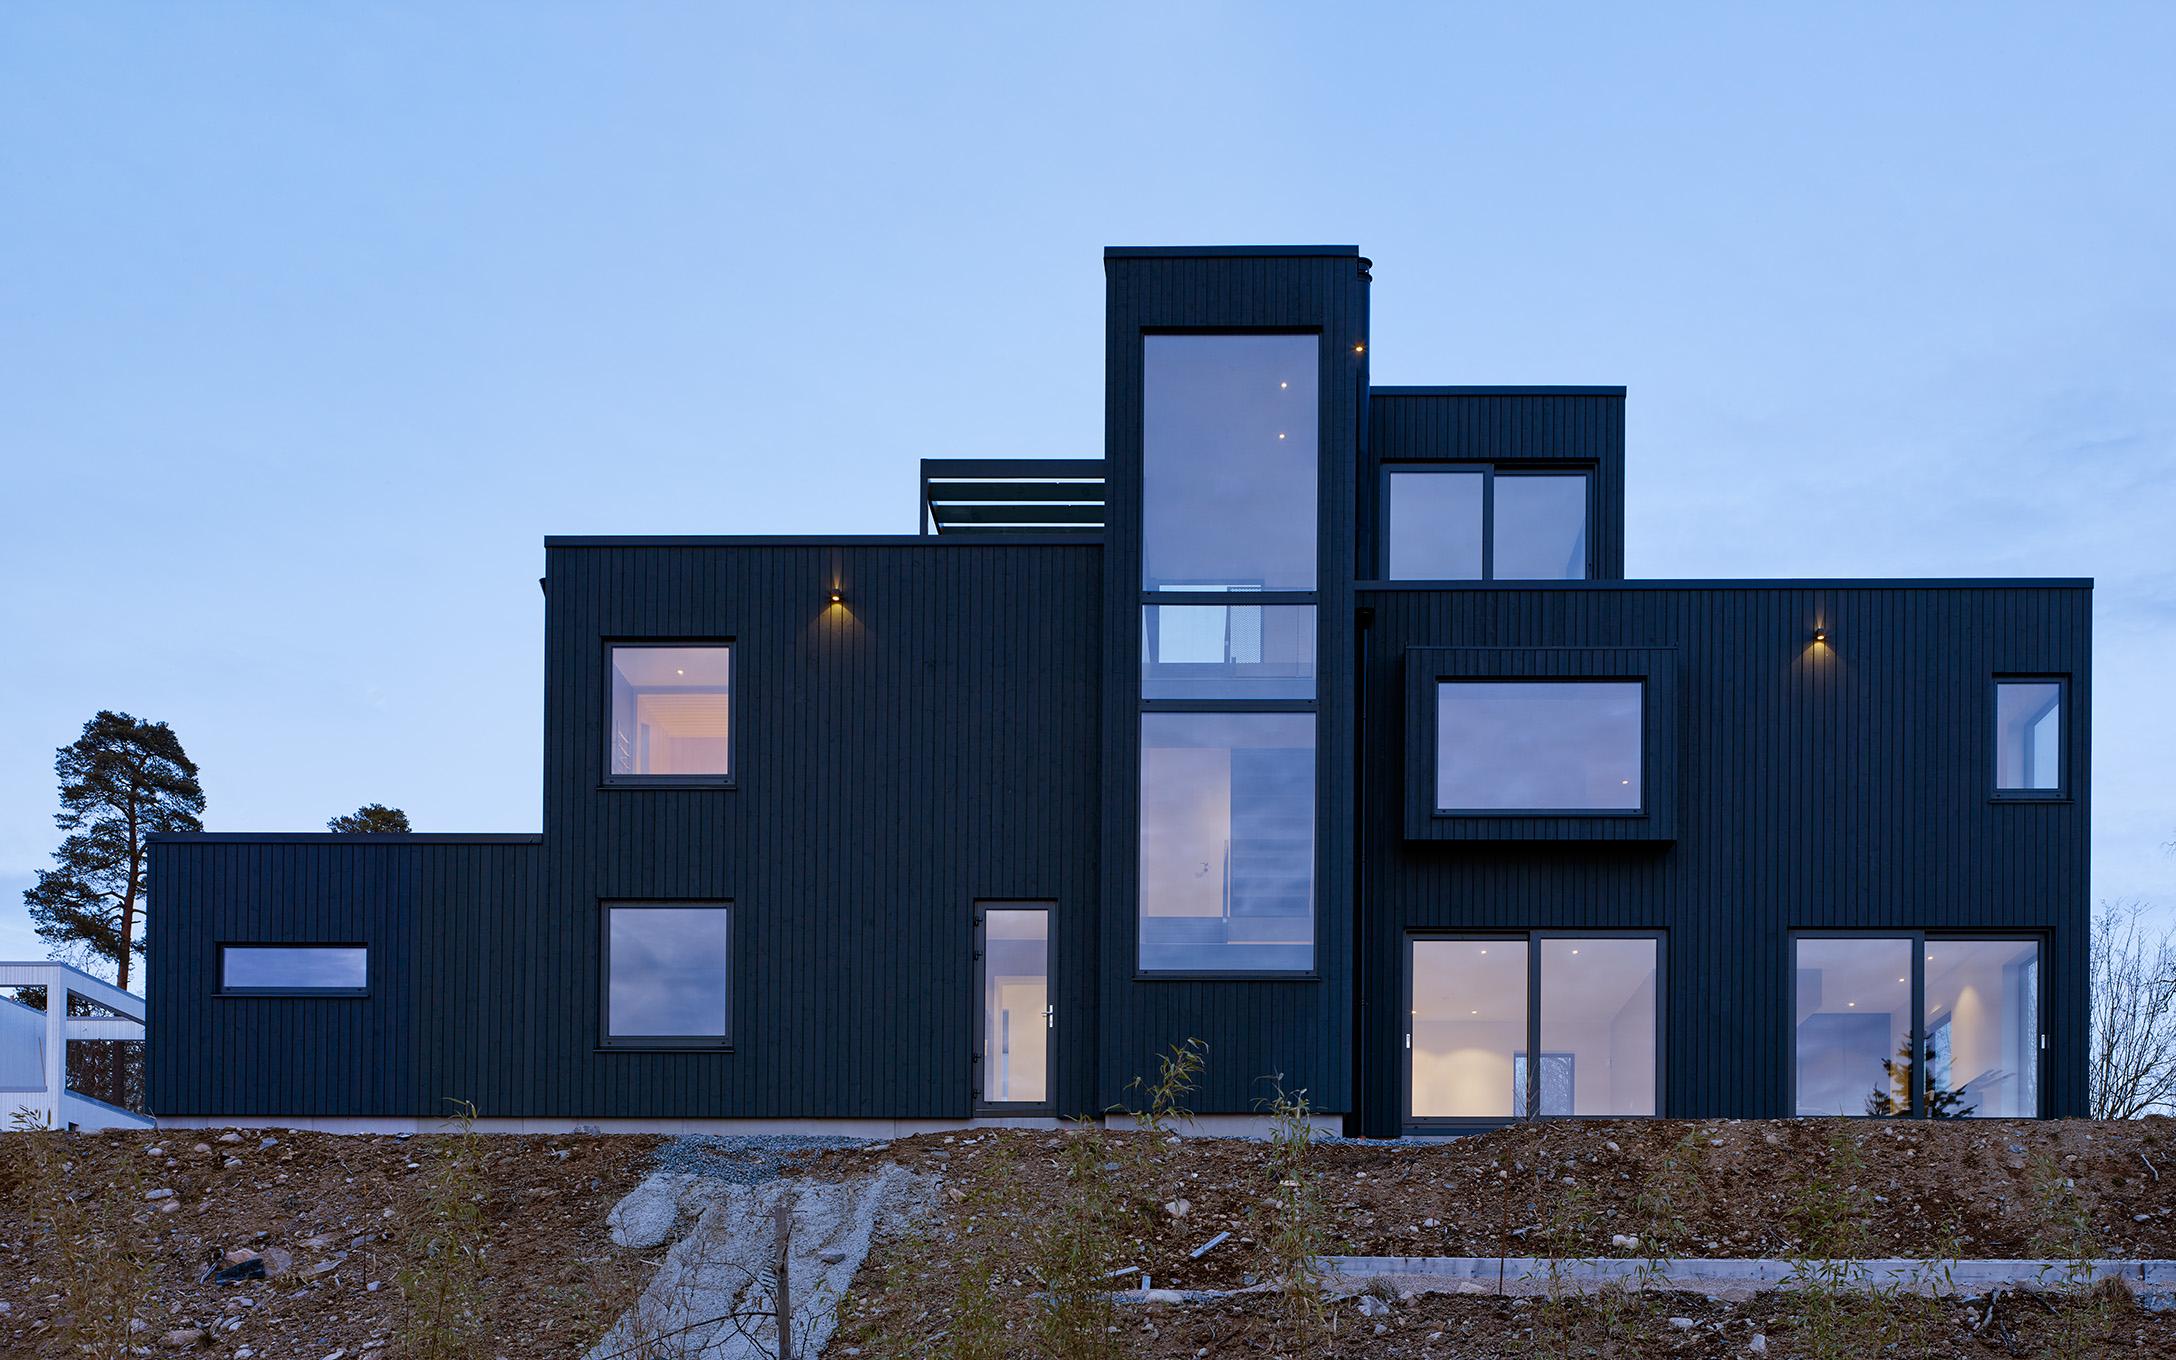 Vila Mondrian ritat av Åberg arkitektkontor uppdrag för BoArt